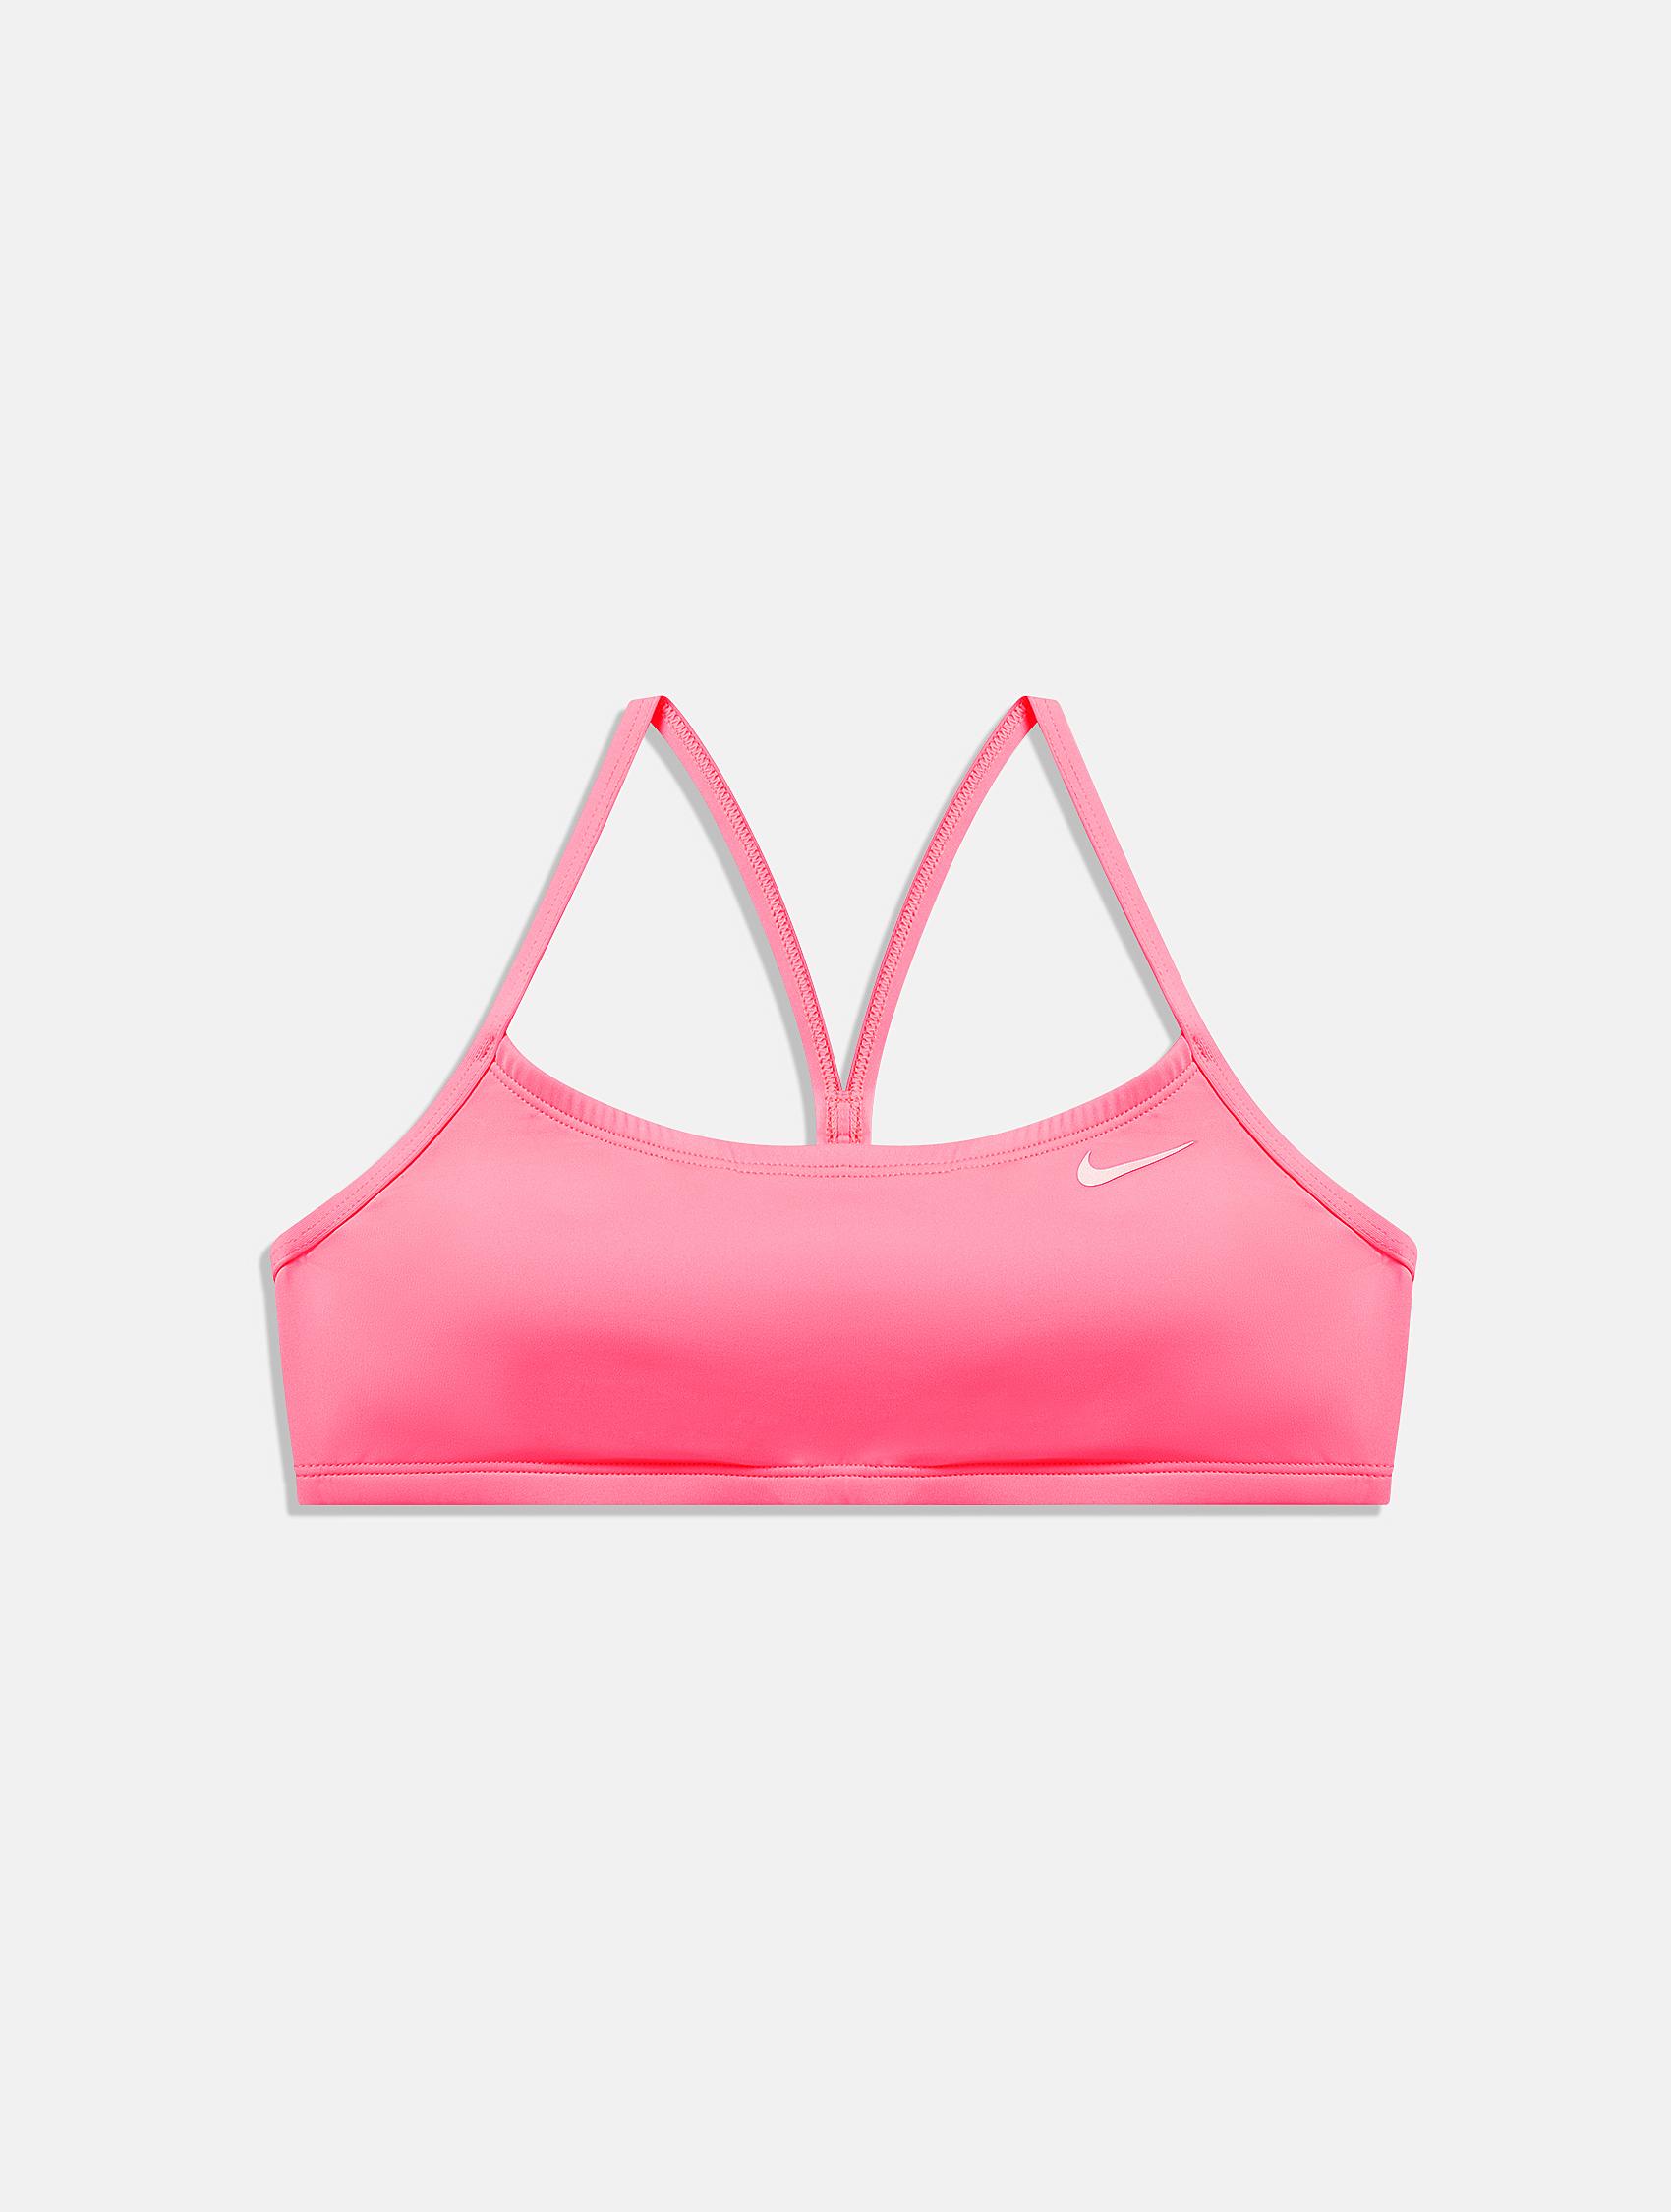 Pink Nike swimming top bra